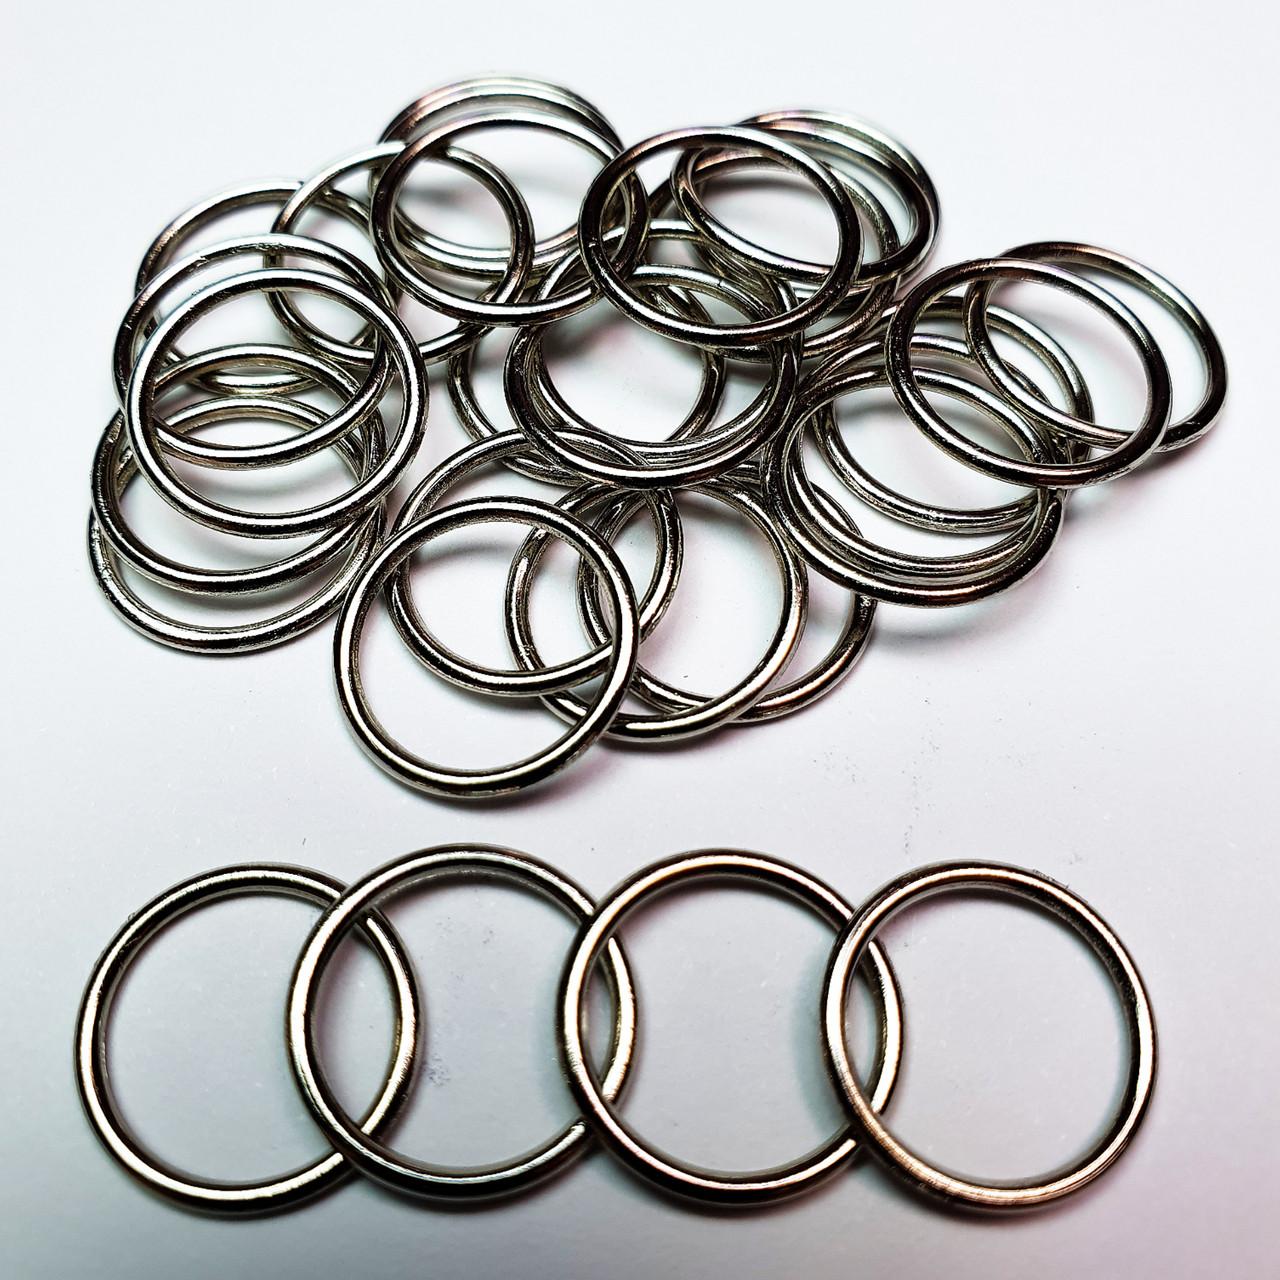 Кольцо для бюстгальтера, для бретелей, регуляторы 15мм металл серебристый никель (20 шт/уп).